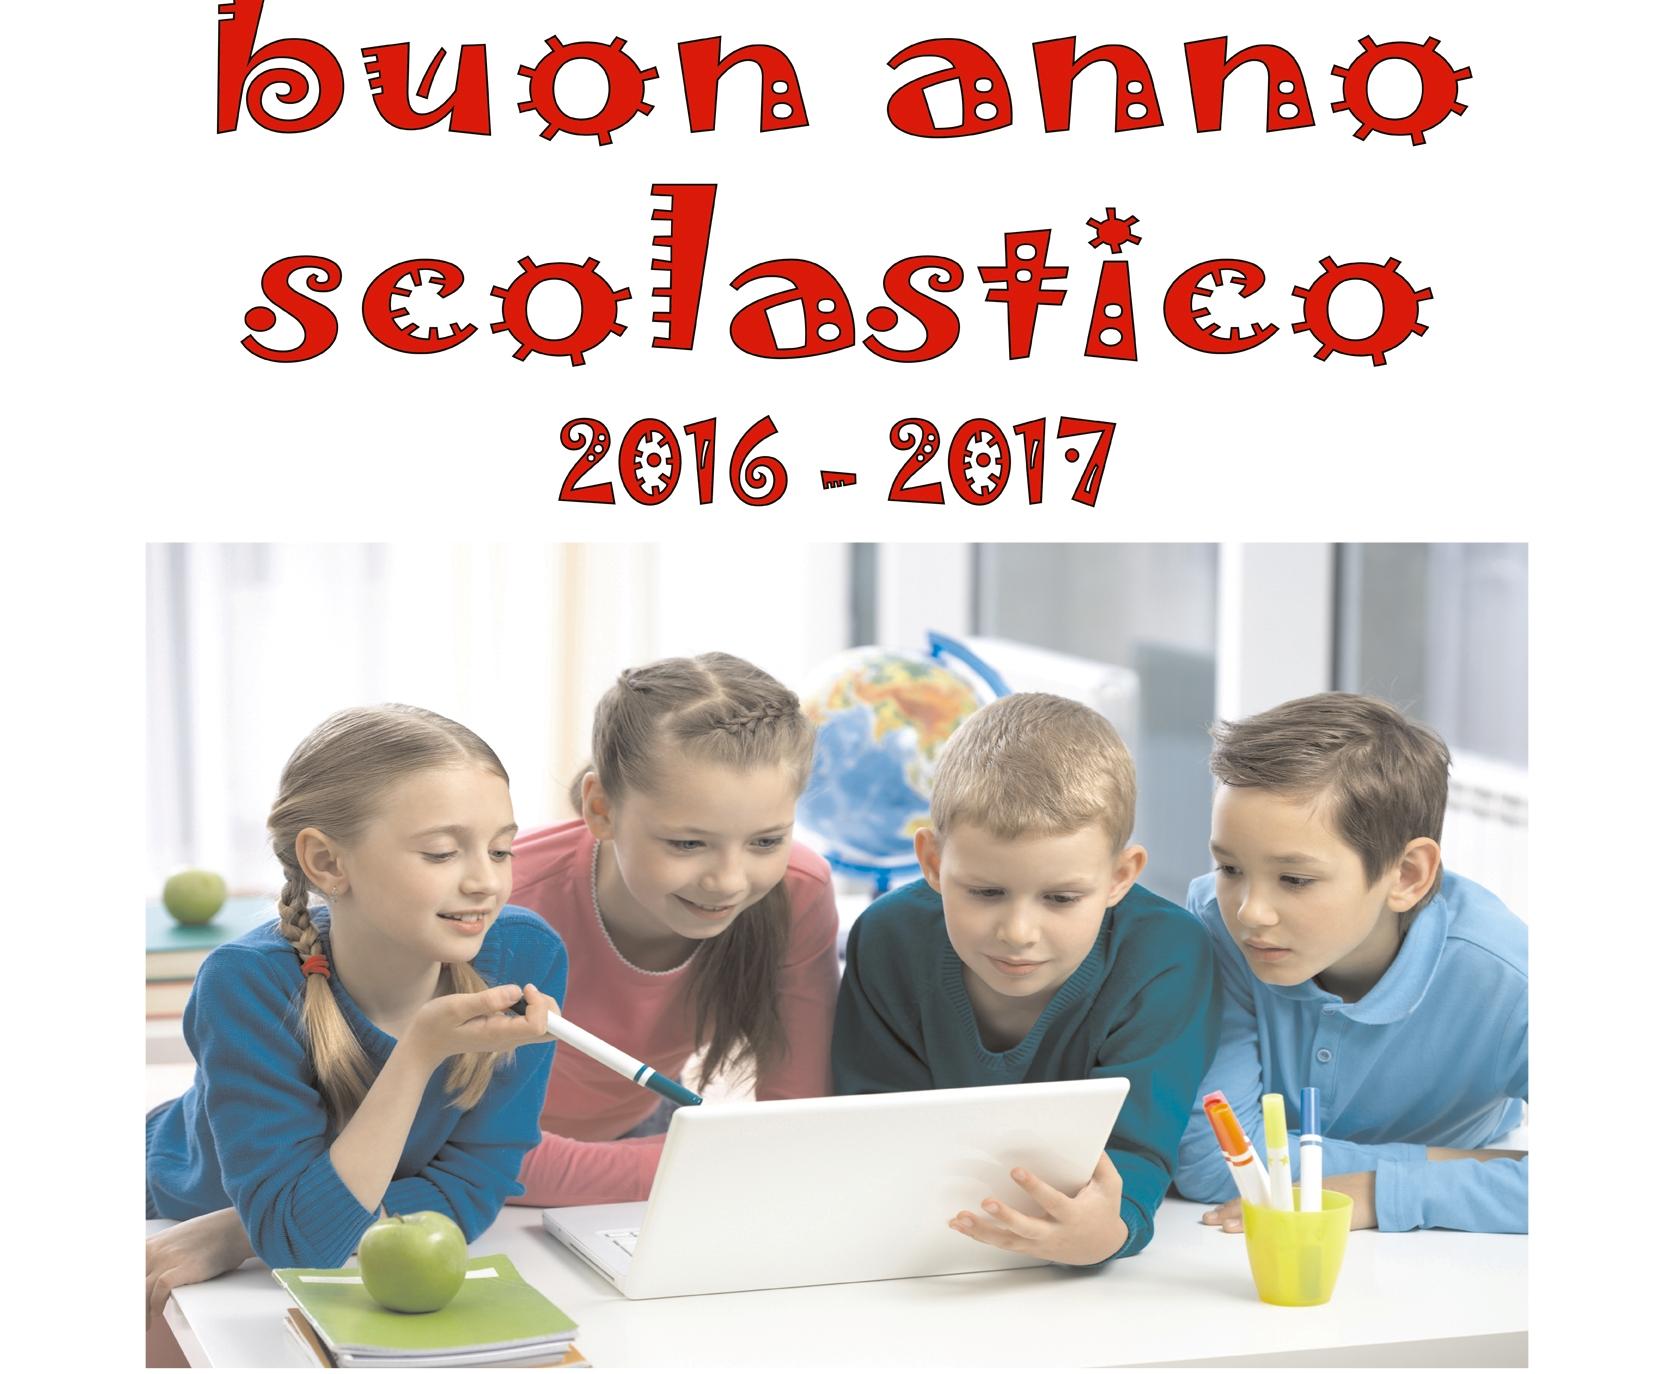 ANNO SCOLASTICO 2016-17.Gli AUGURI del SINDACO, dell'Assessore SCARANO e dell'Amministrazione tutta.